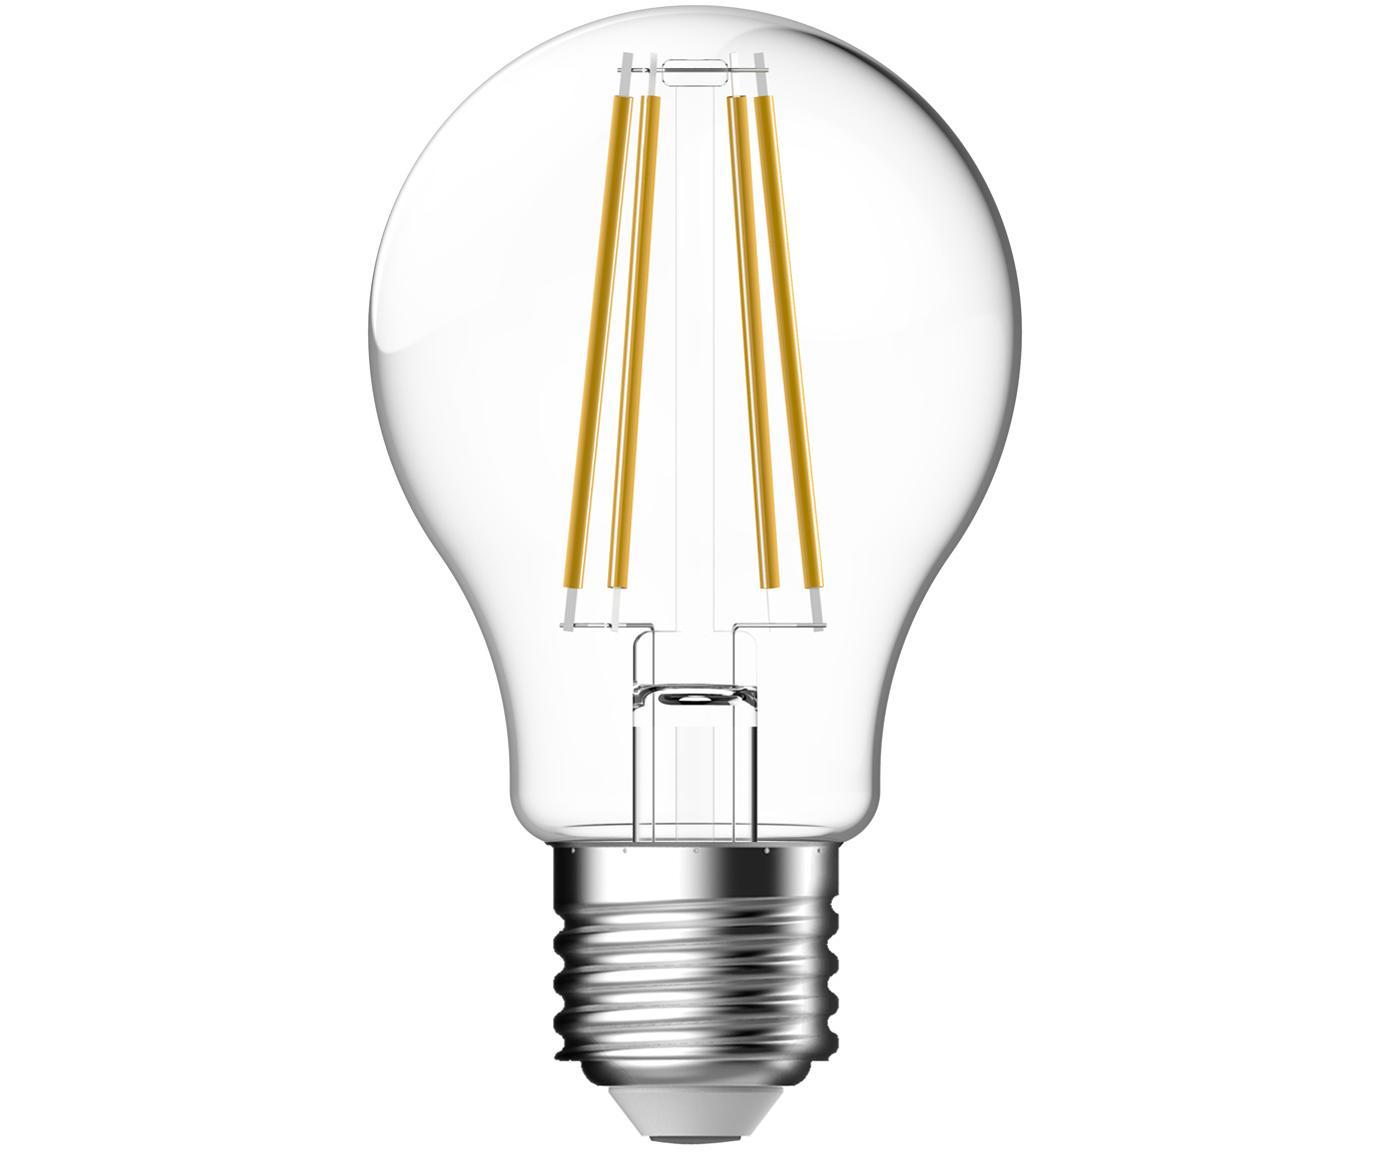 Żarówka LED Clear (E27 / 7W), 2 szt., Transparentny, Ø 6 x W 11 cm